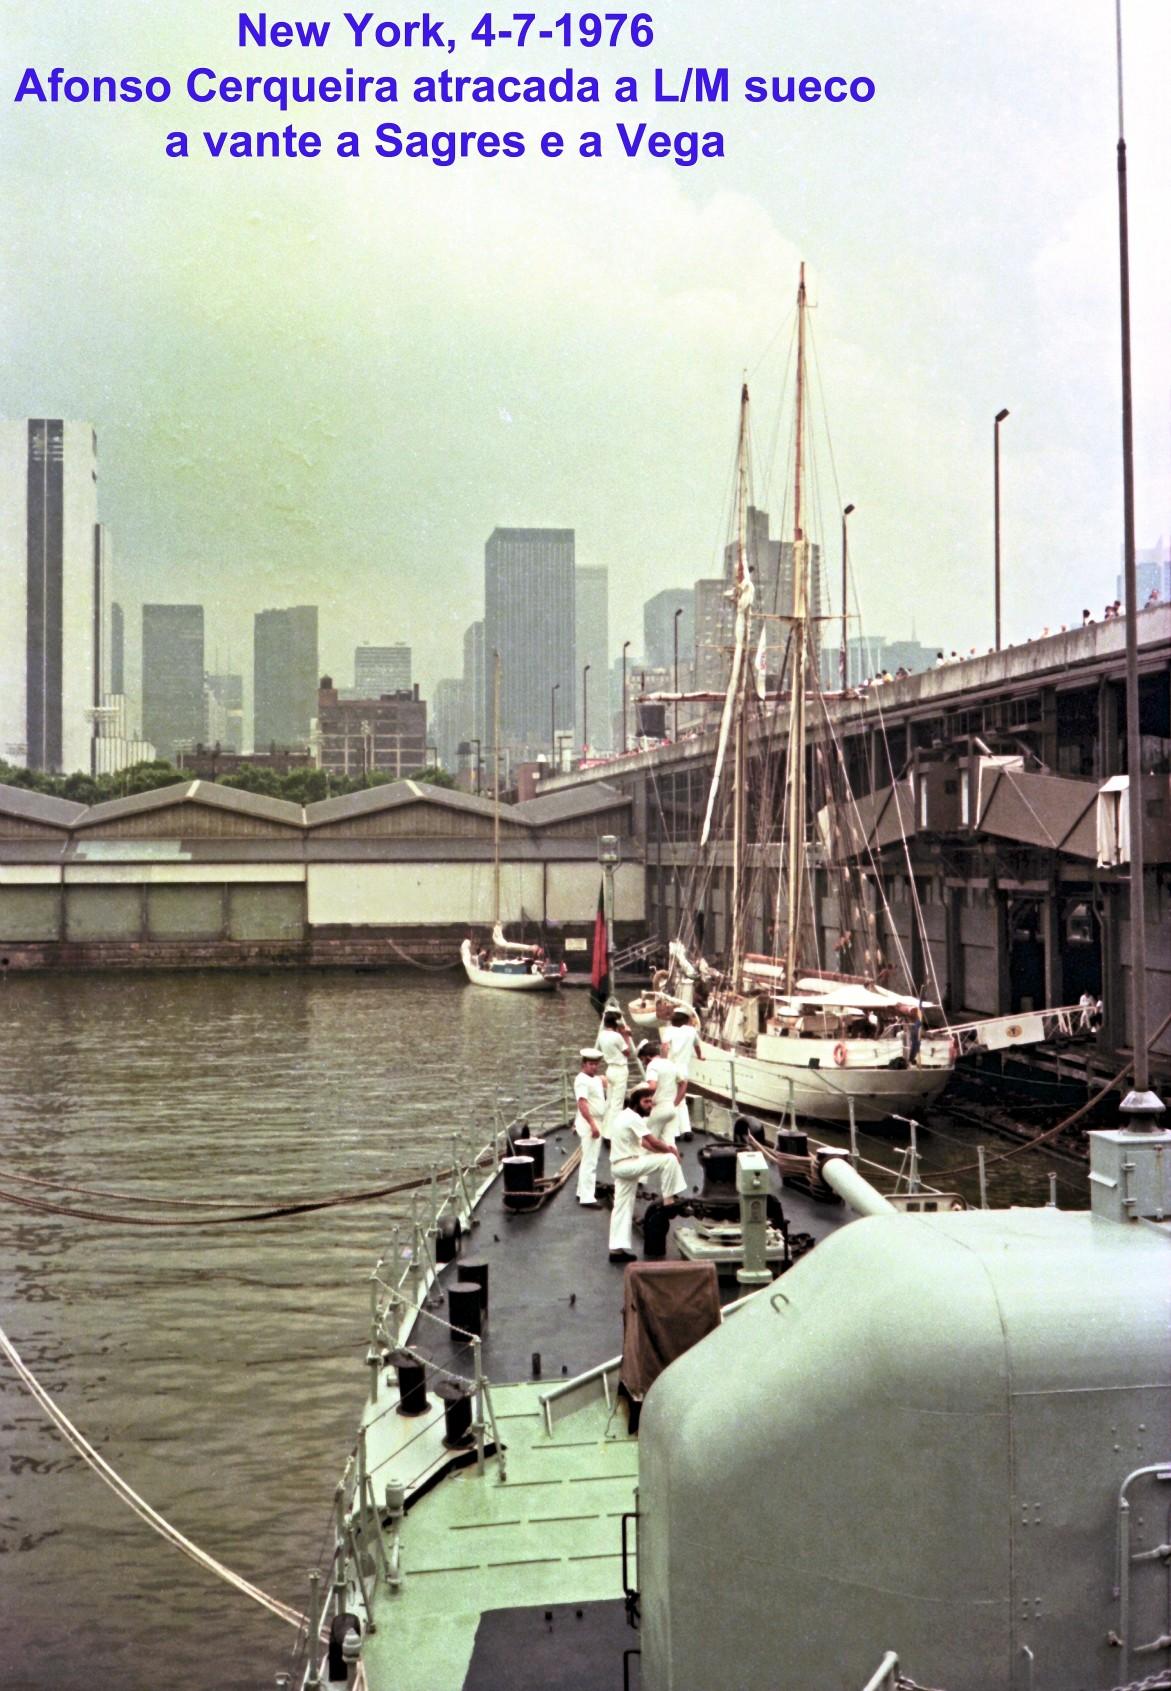 00725 976-07-04 Afonso Cerqueira atracada ao LM sueco em New York tendo AV a Sagres e a Vega